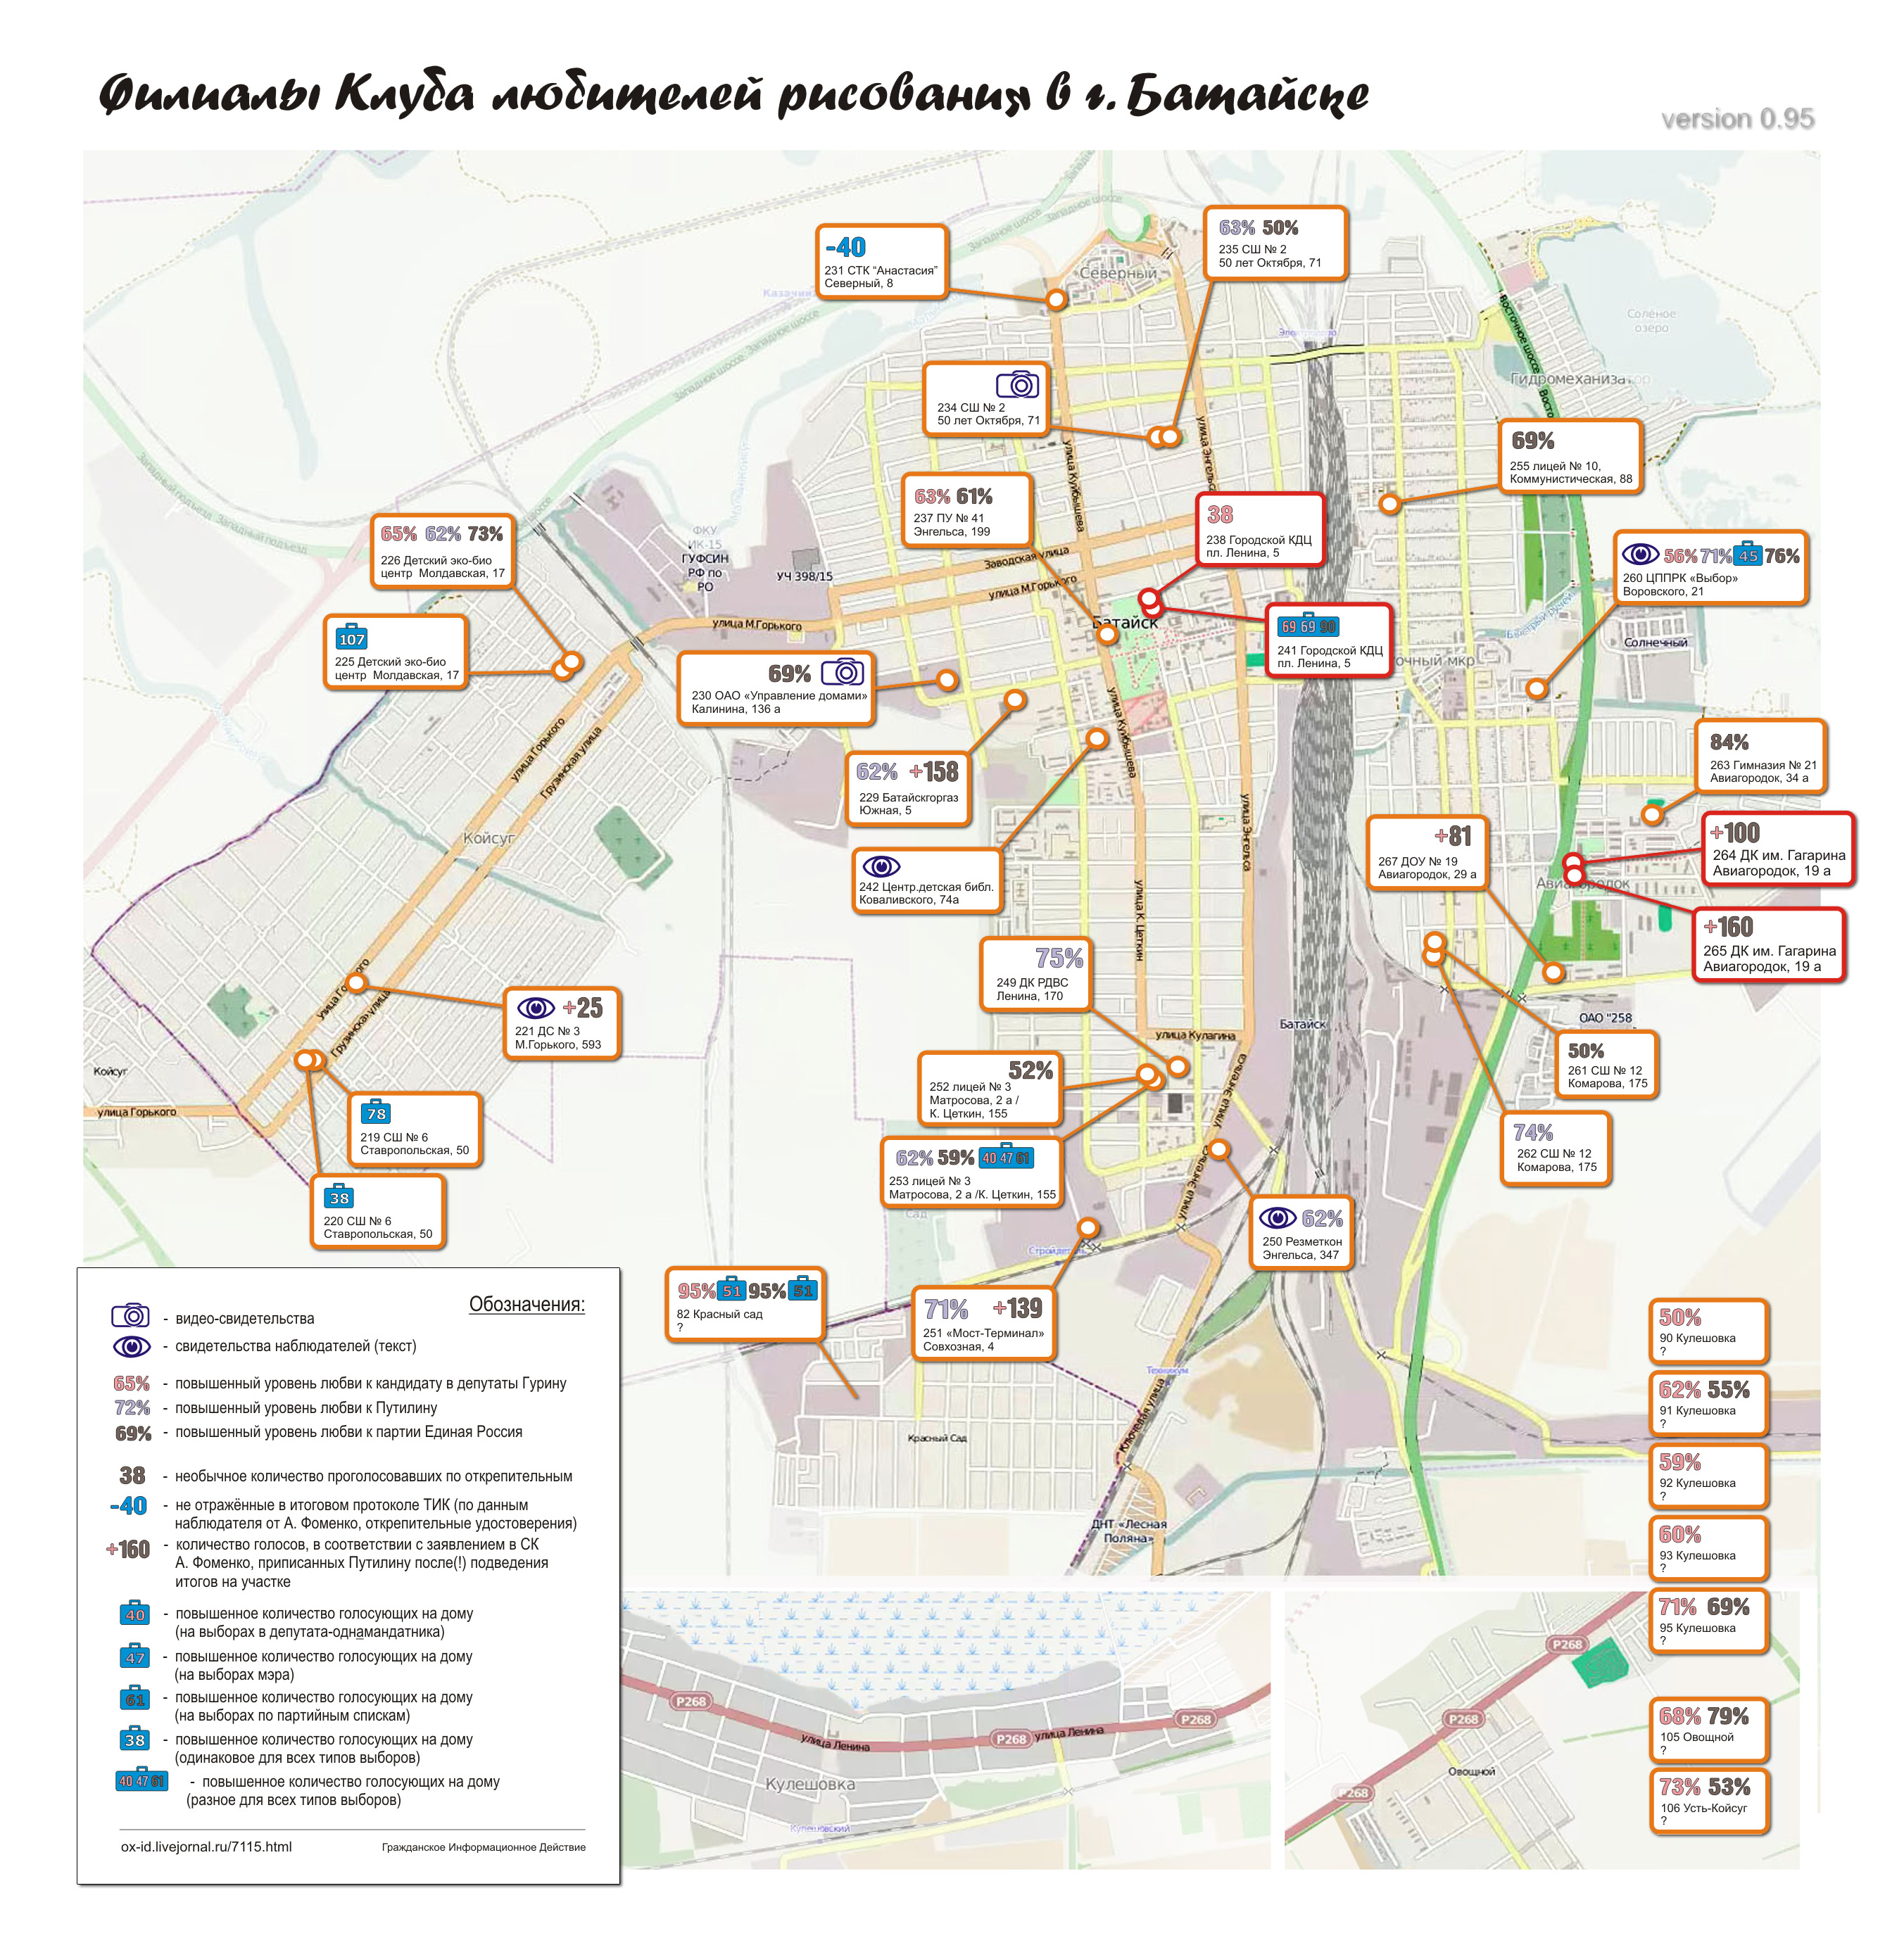 Карта избирательных аномалий г. Батайска